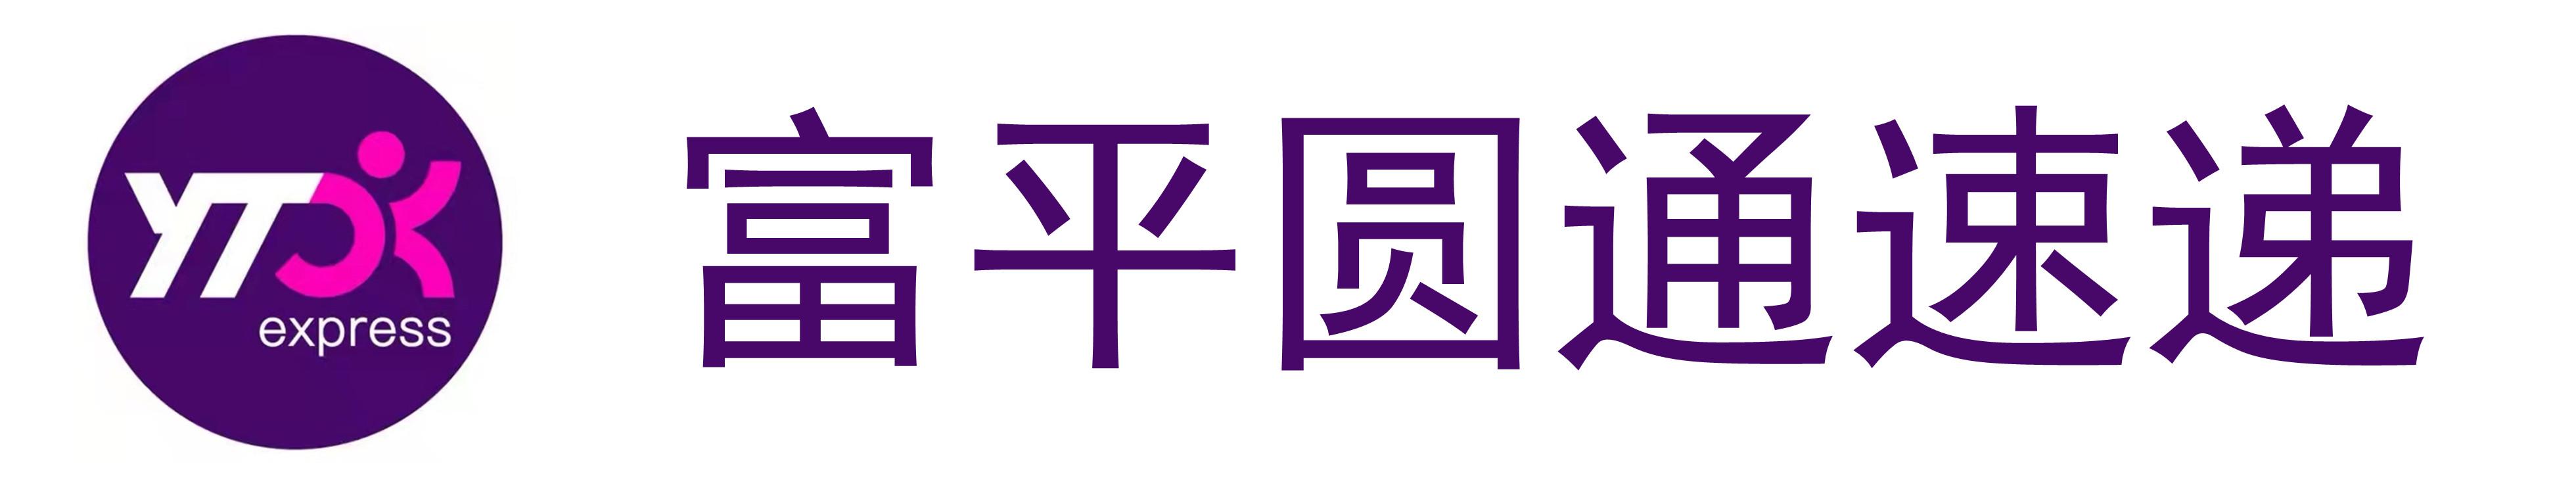 富平县致远速递有限公司